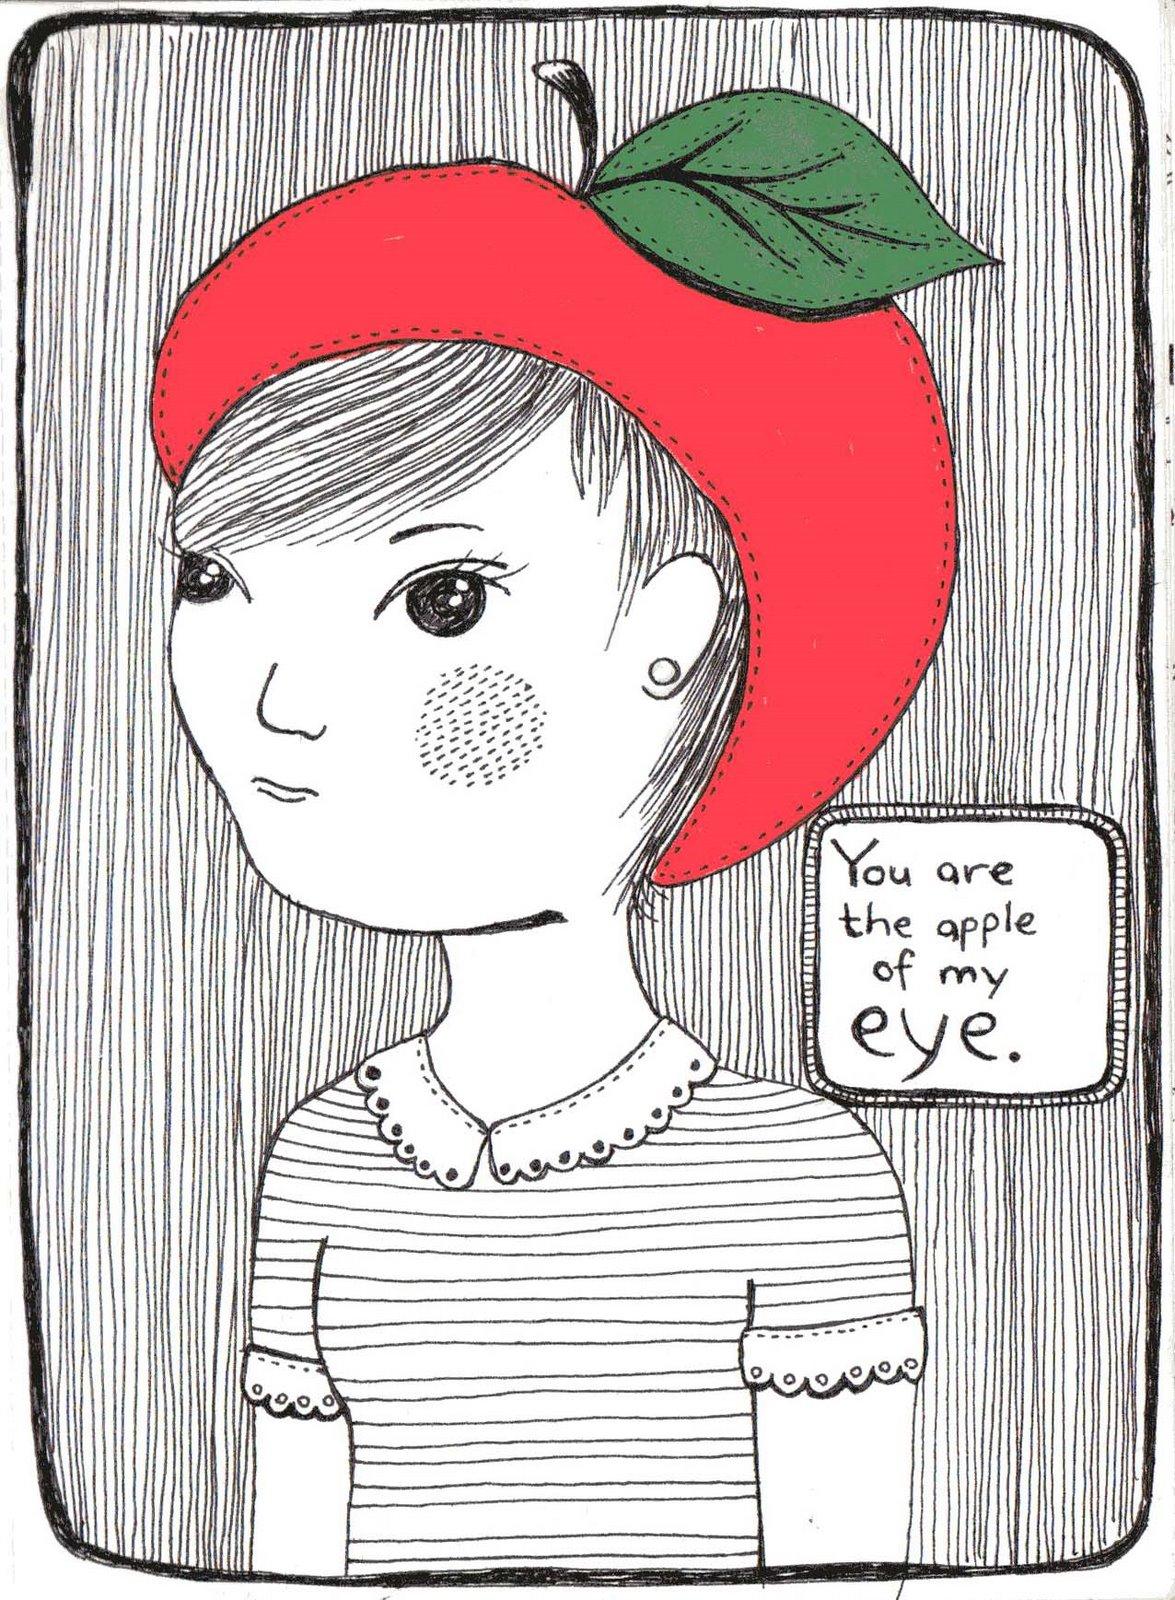 [äpplt]